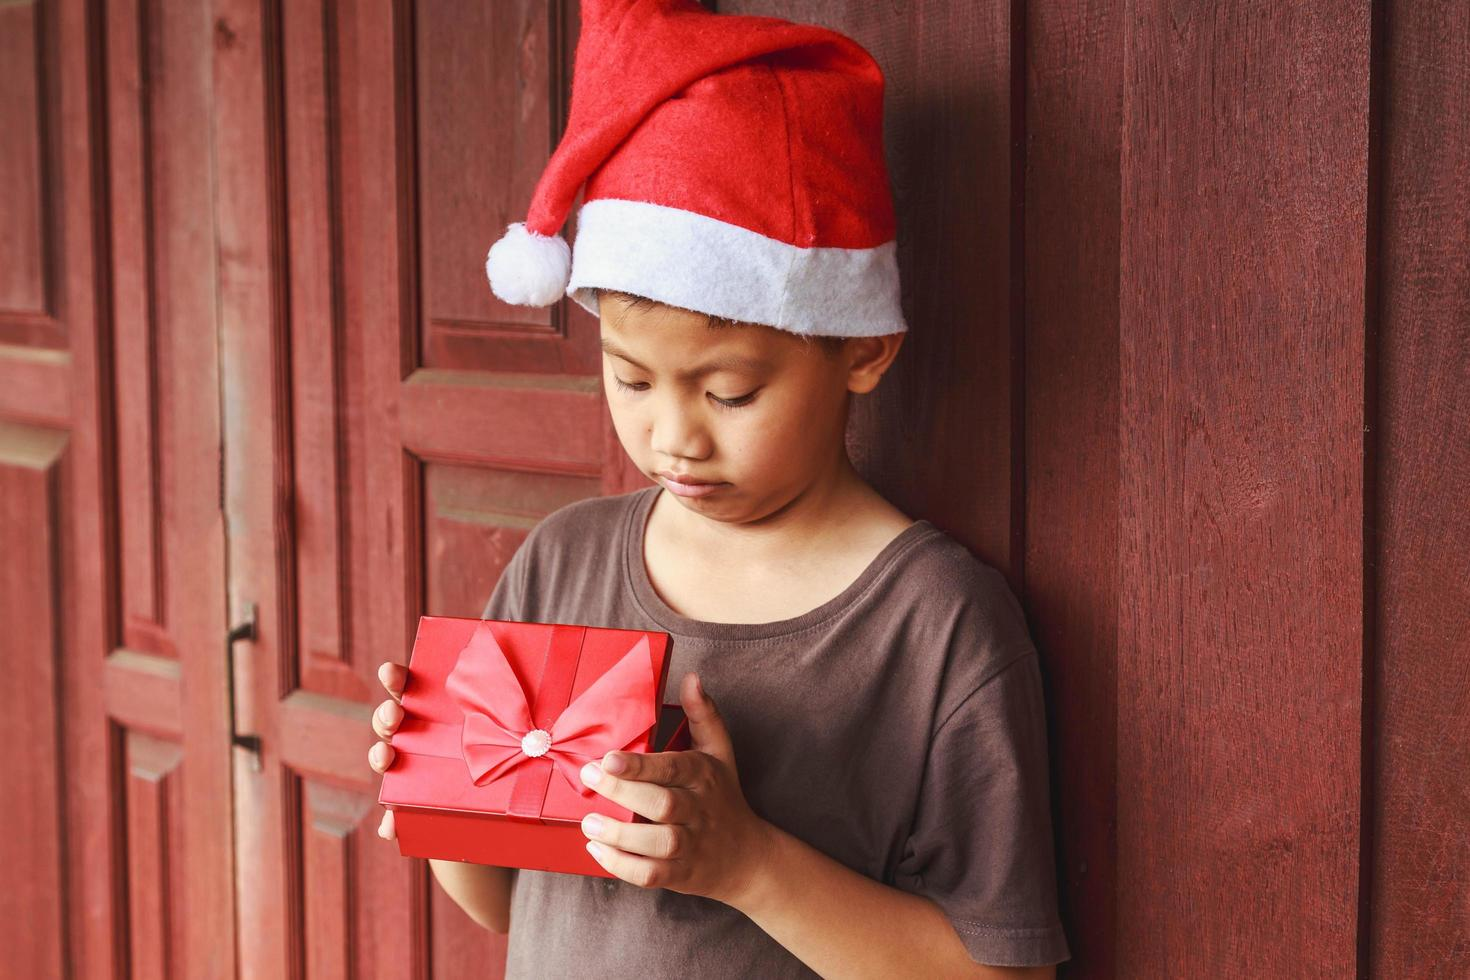 niño con caja de regalo el día de navidad foto